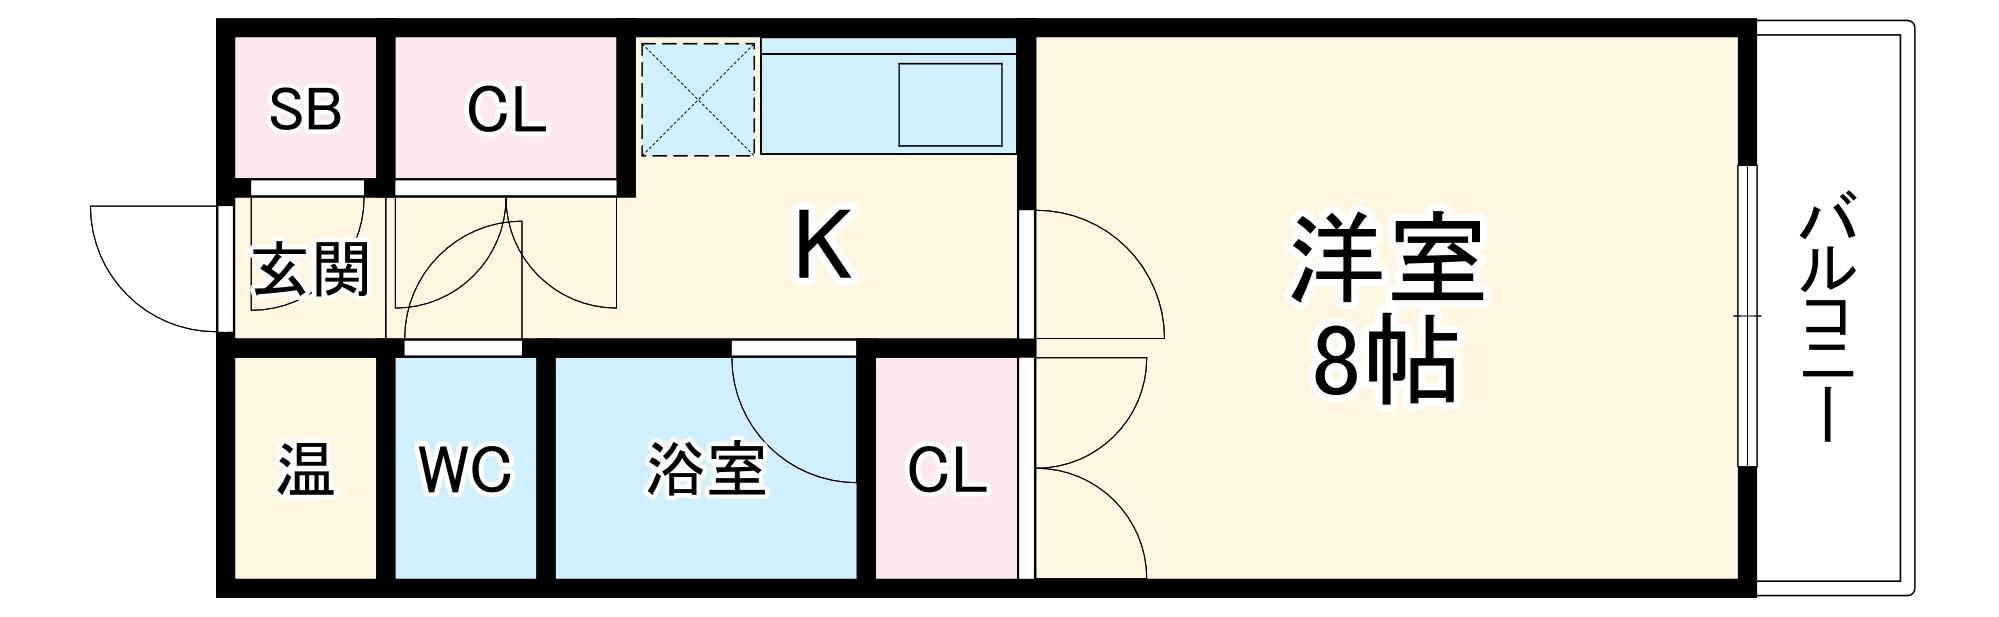 クリテリオン福岡・406号室の間取り